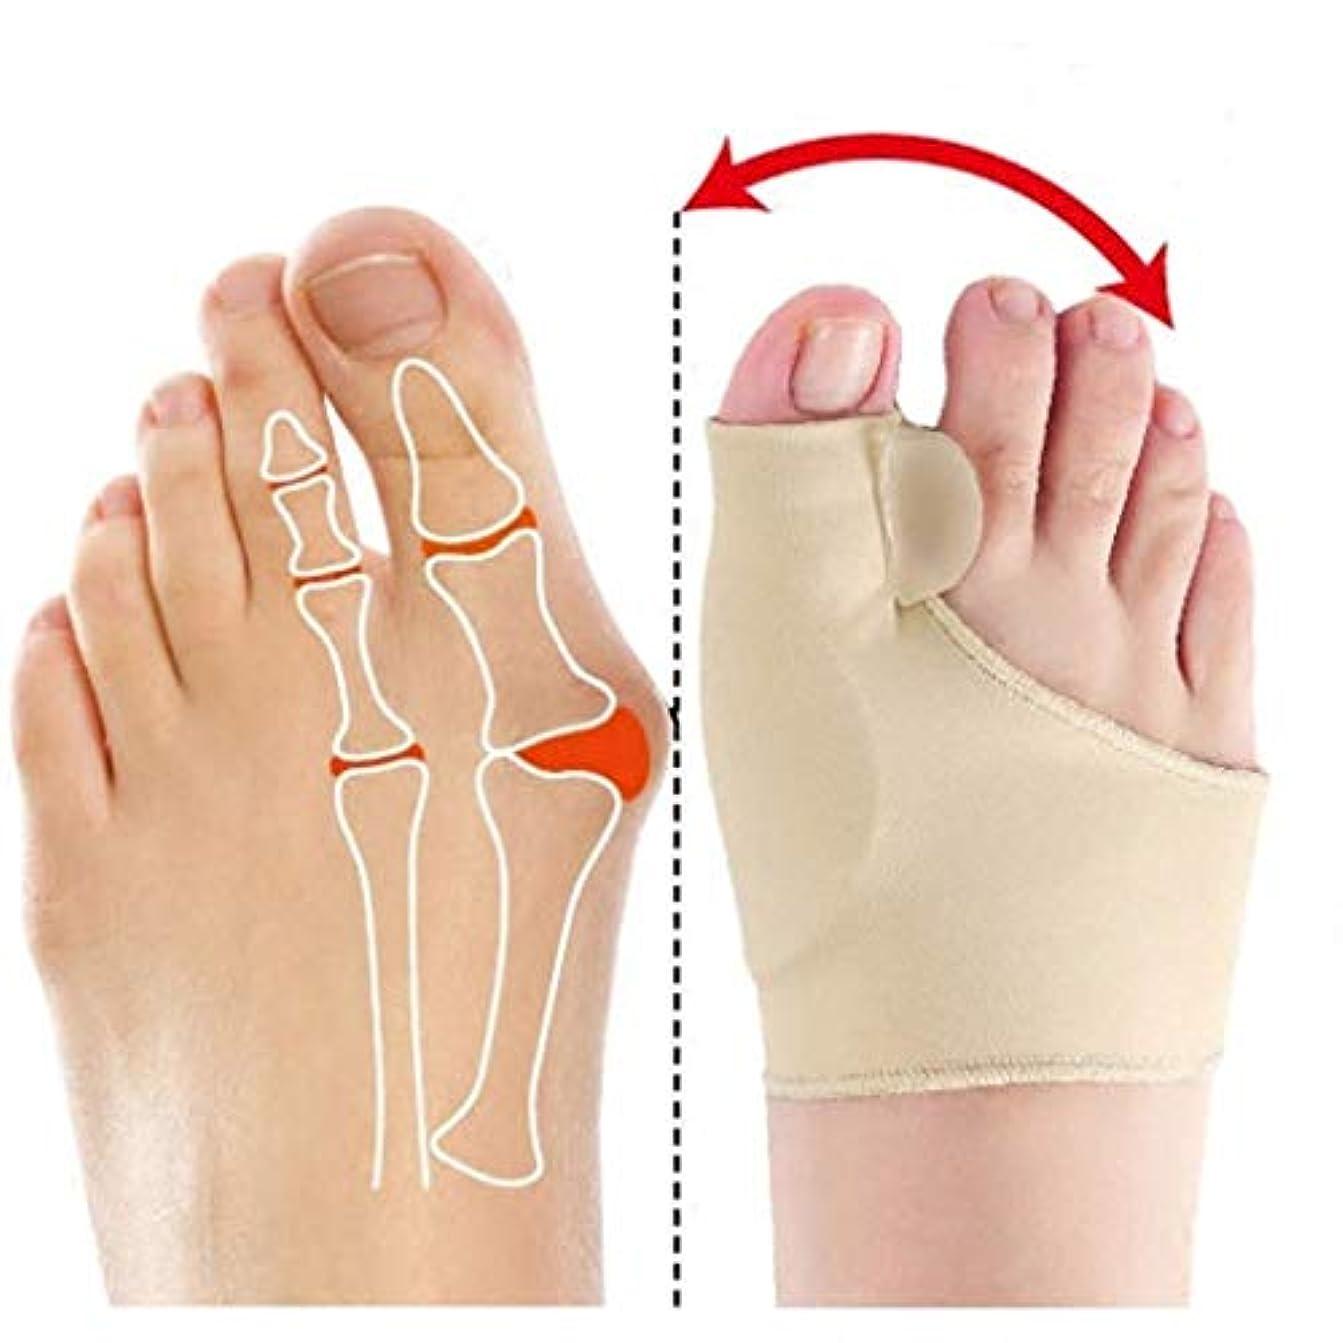 公平ほぼハシーDyong Thumb Toe Corrector Big Toe Straightener Toe Pain Relief Sleeve、Bunion Splint Support Sleeve with Built-in...